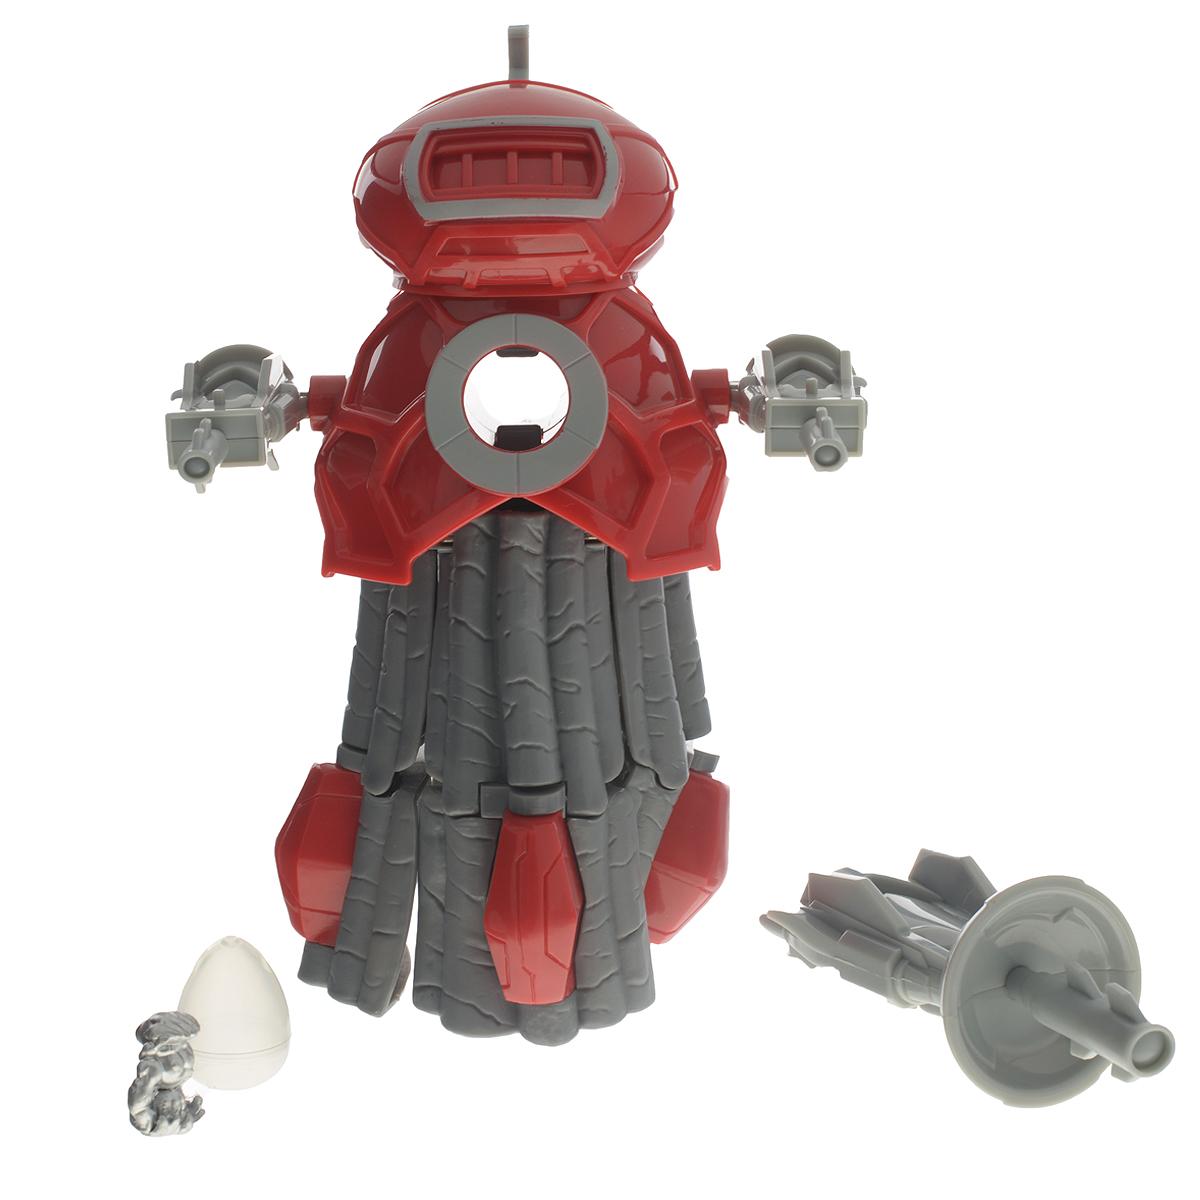 Atomicron Космический корабль Xenon AtomGPH18309_красн_серКосмический корабль Atomicron Xenon Atom, выполненный из прочного пластика, обязательно понравится вашему ребенку! Этот трансформобиль создан для усиления армии Атомикрона, чтобы доминировать на поле боя. Он способен изменять свою форму. Его длинные опоры могут сгибаться и разгибаться, а орудия поворачиваться. В набор также входят фигурка пилота и прозрачная мини-капсула для него. В капсуле фигурку можно поместить внутрь корабля в круглое отверстие. Соберите все армии союза Атомикрон и их злобных противников - обитателей Антиматерии, и устройте эпичное миниатюрное сражение за мир и порядок во вселенной! Порадуйте своего малыша таким замечательным подарком!